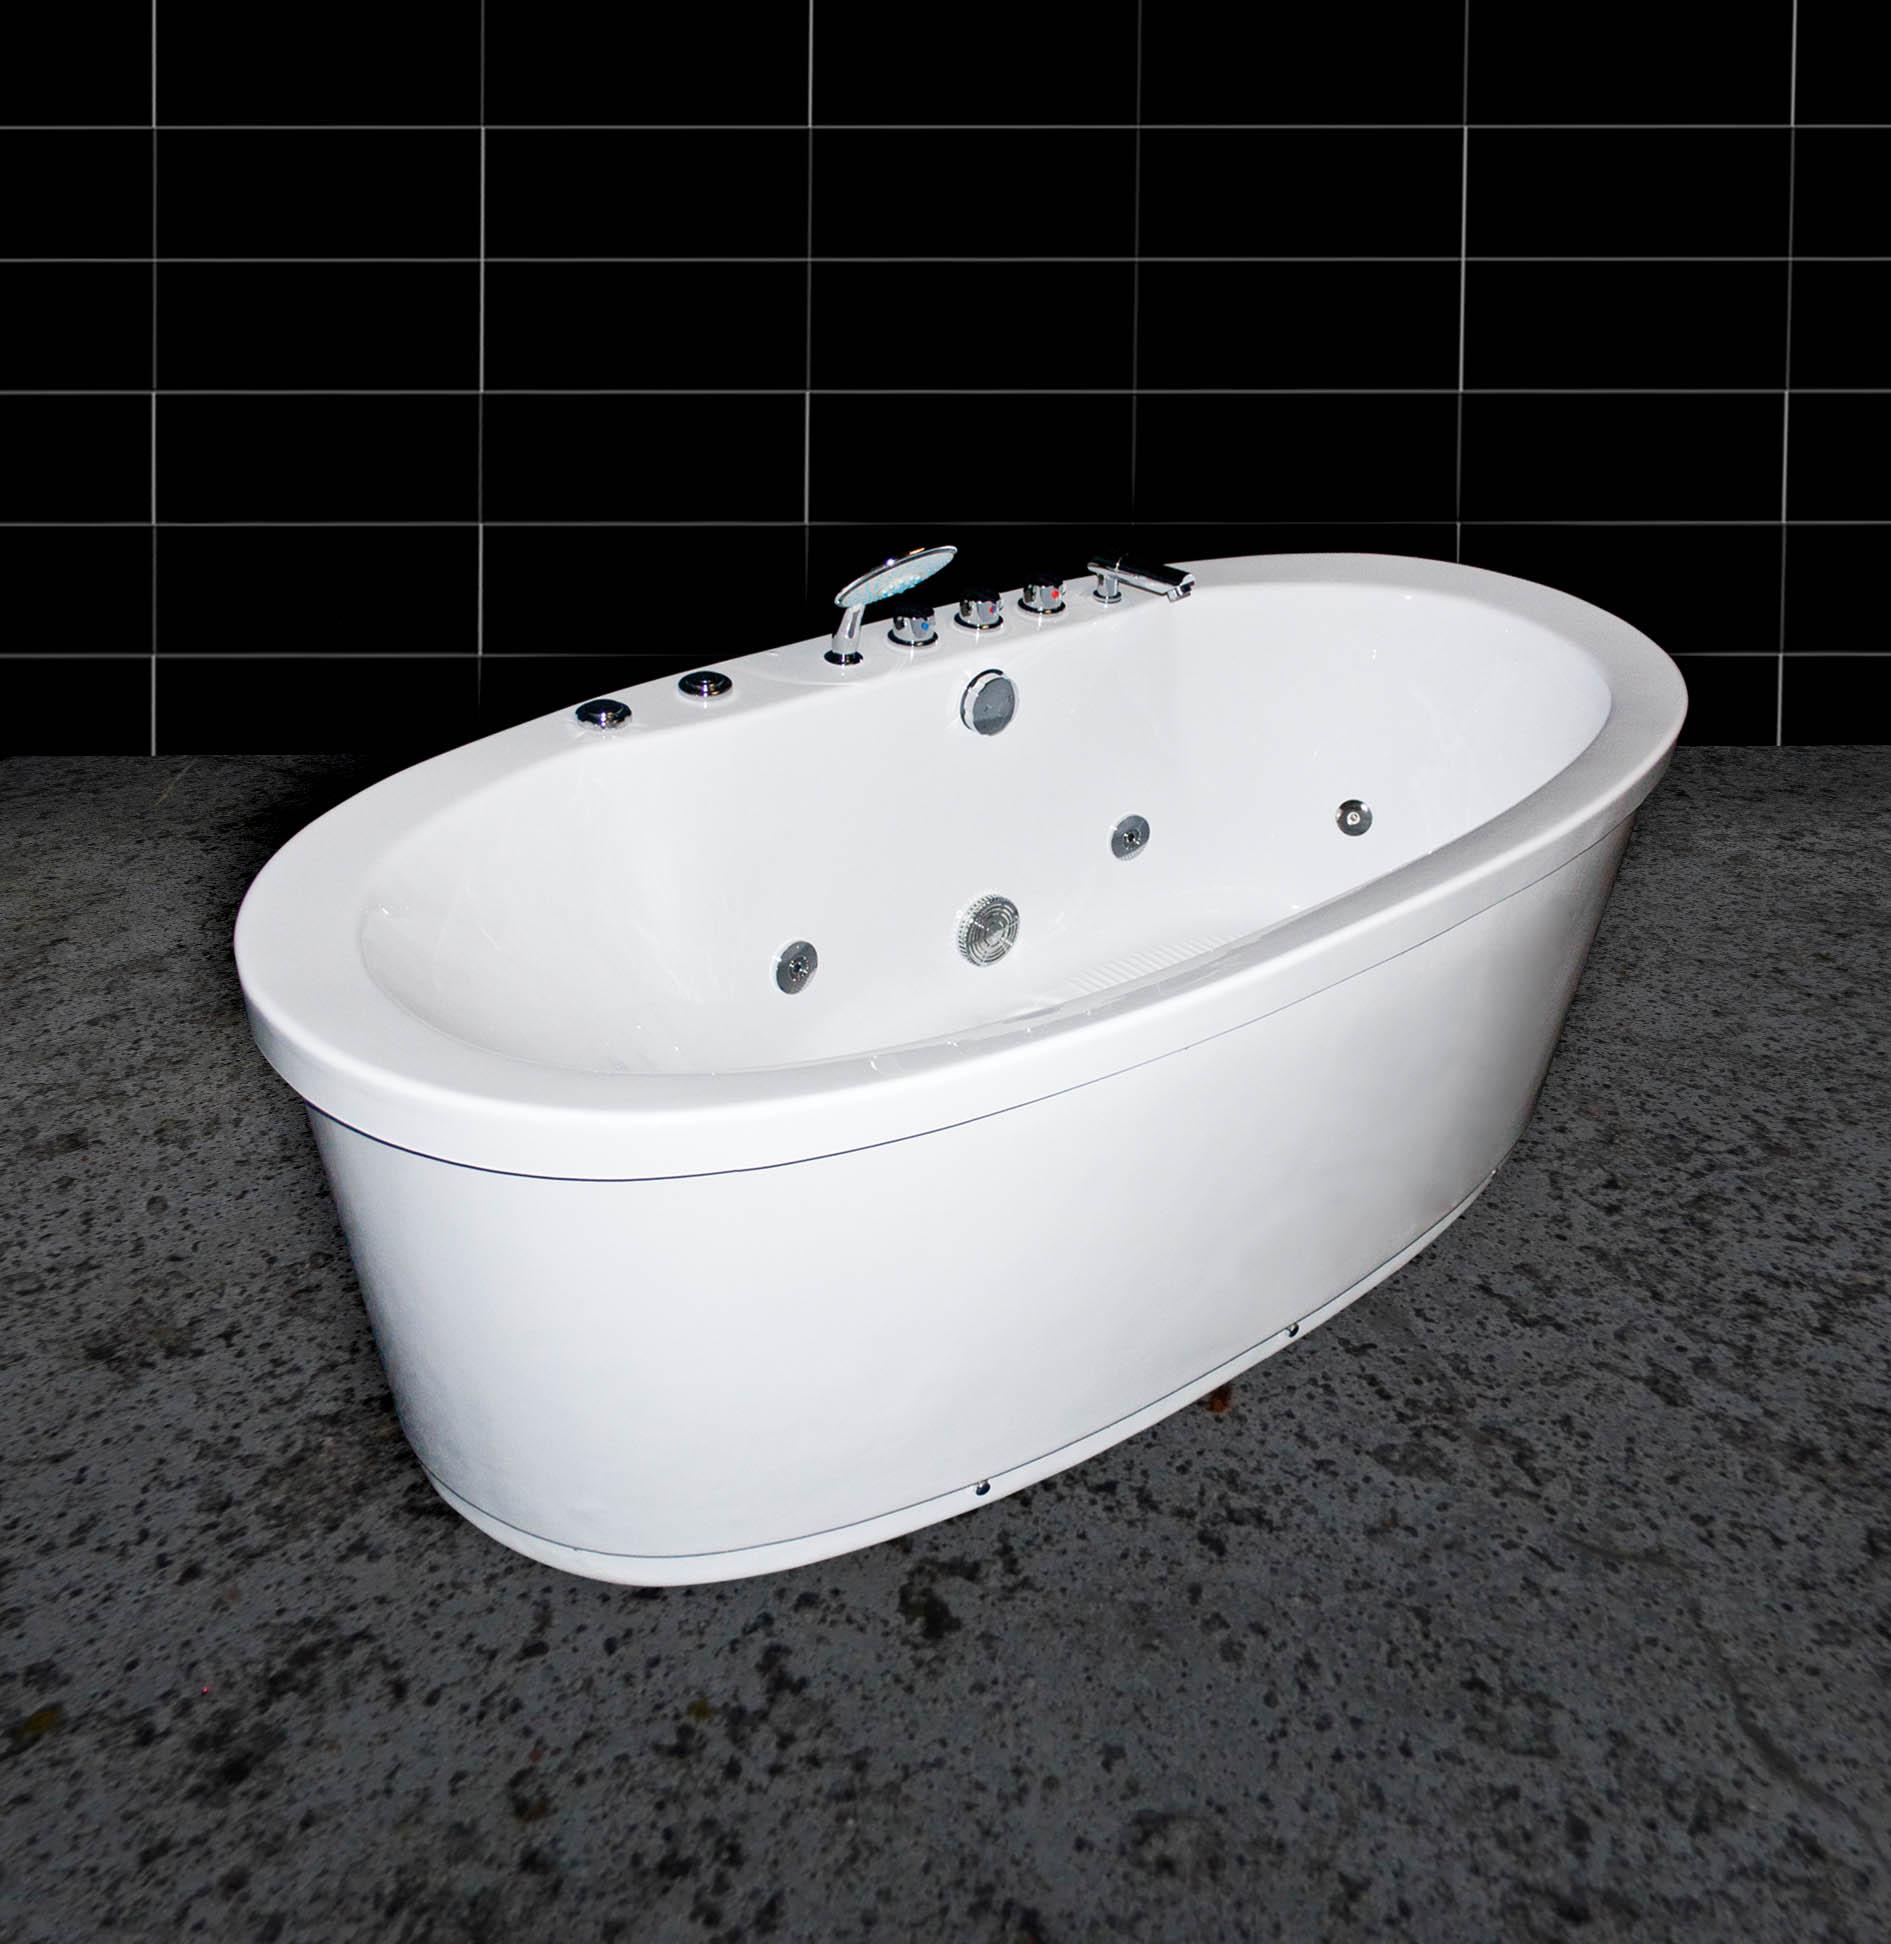 freistehende whirlwanne whirlpool armatur badewanne lxw 85175 ausstellungsst ck ebay. Black Bedroom Furniture Sets. Home Design Ideas